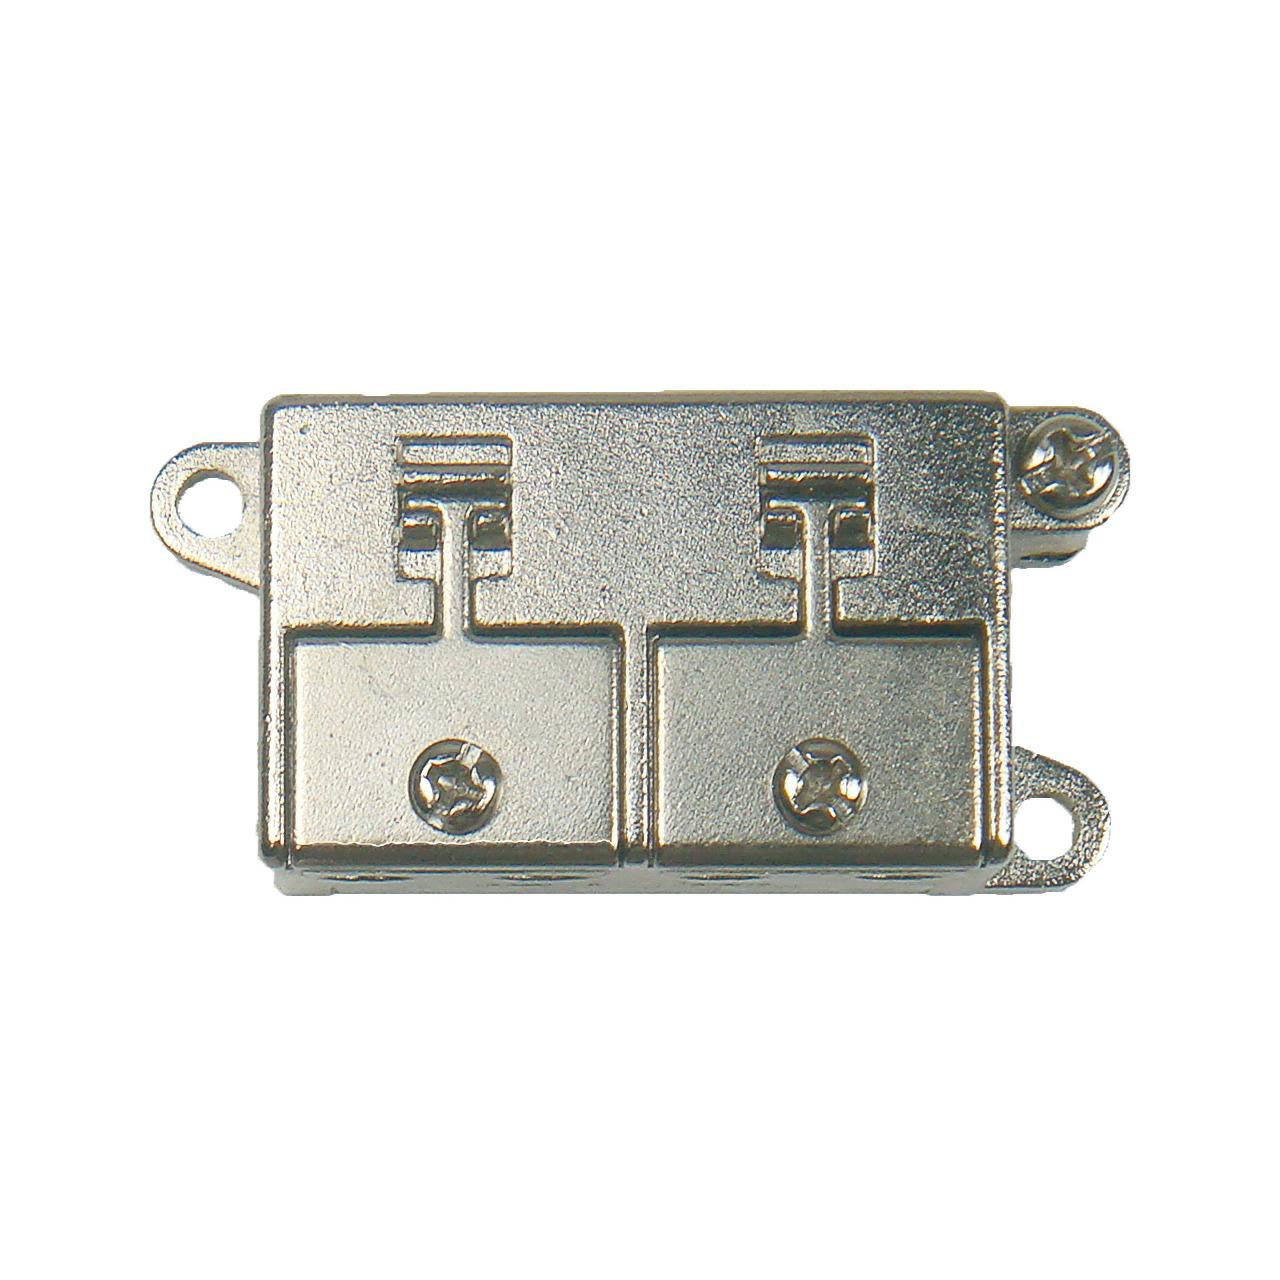 DUR-line 2-fach Mini-BK-Sat-Verteiler- kleine Bauform- ideal fund-252 r Unterputzmontage (Unterputzdosen)